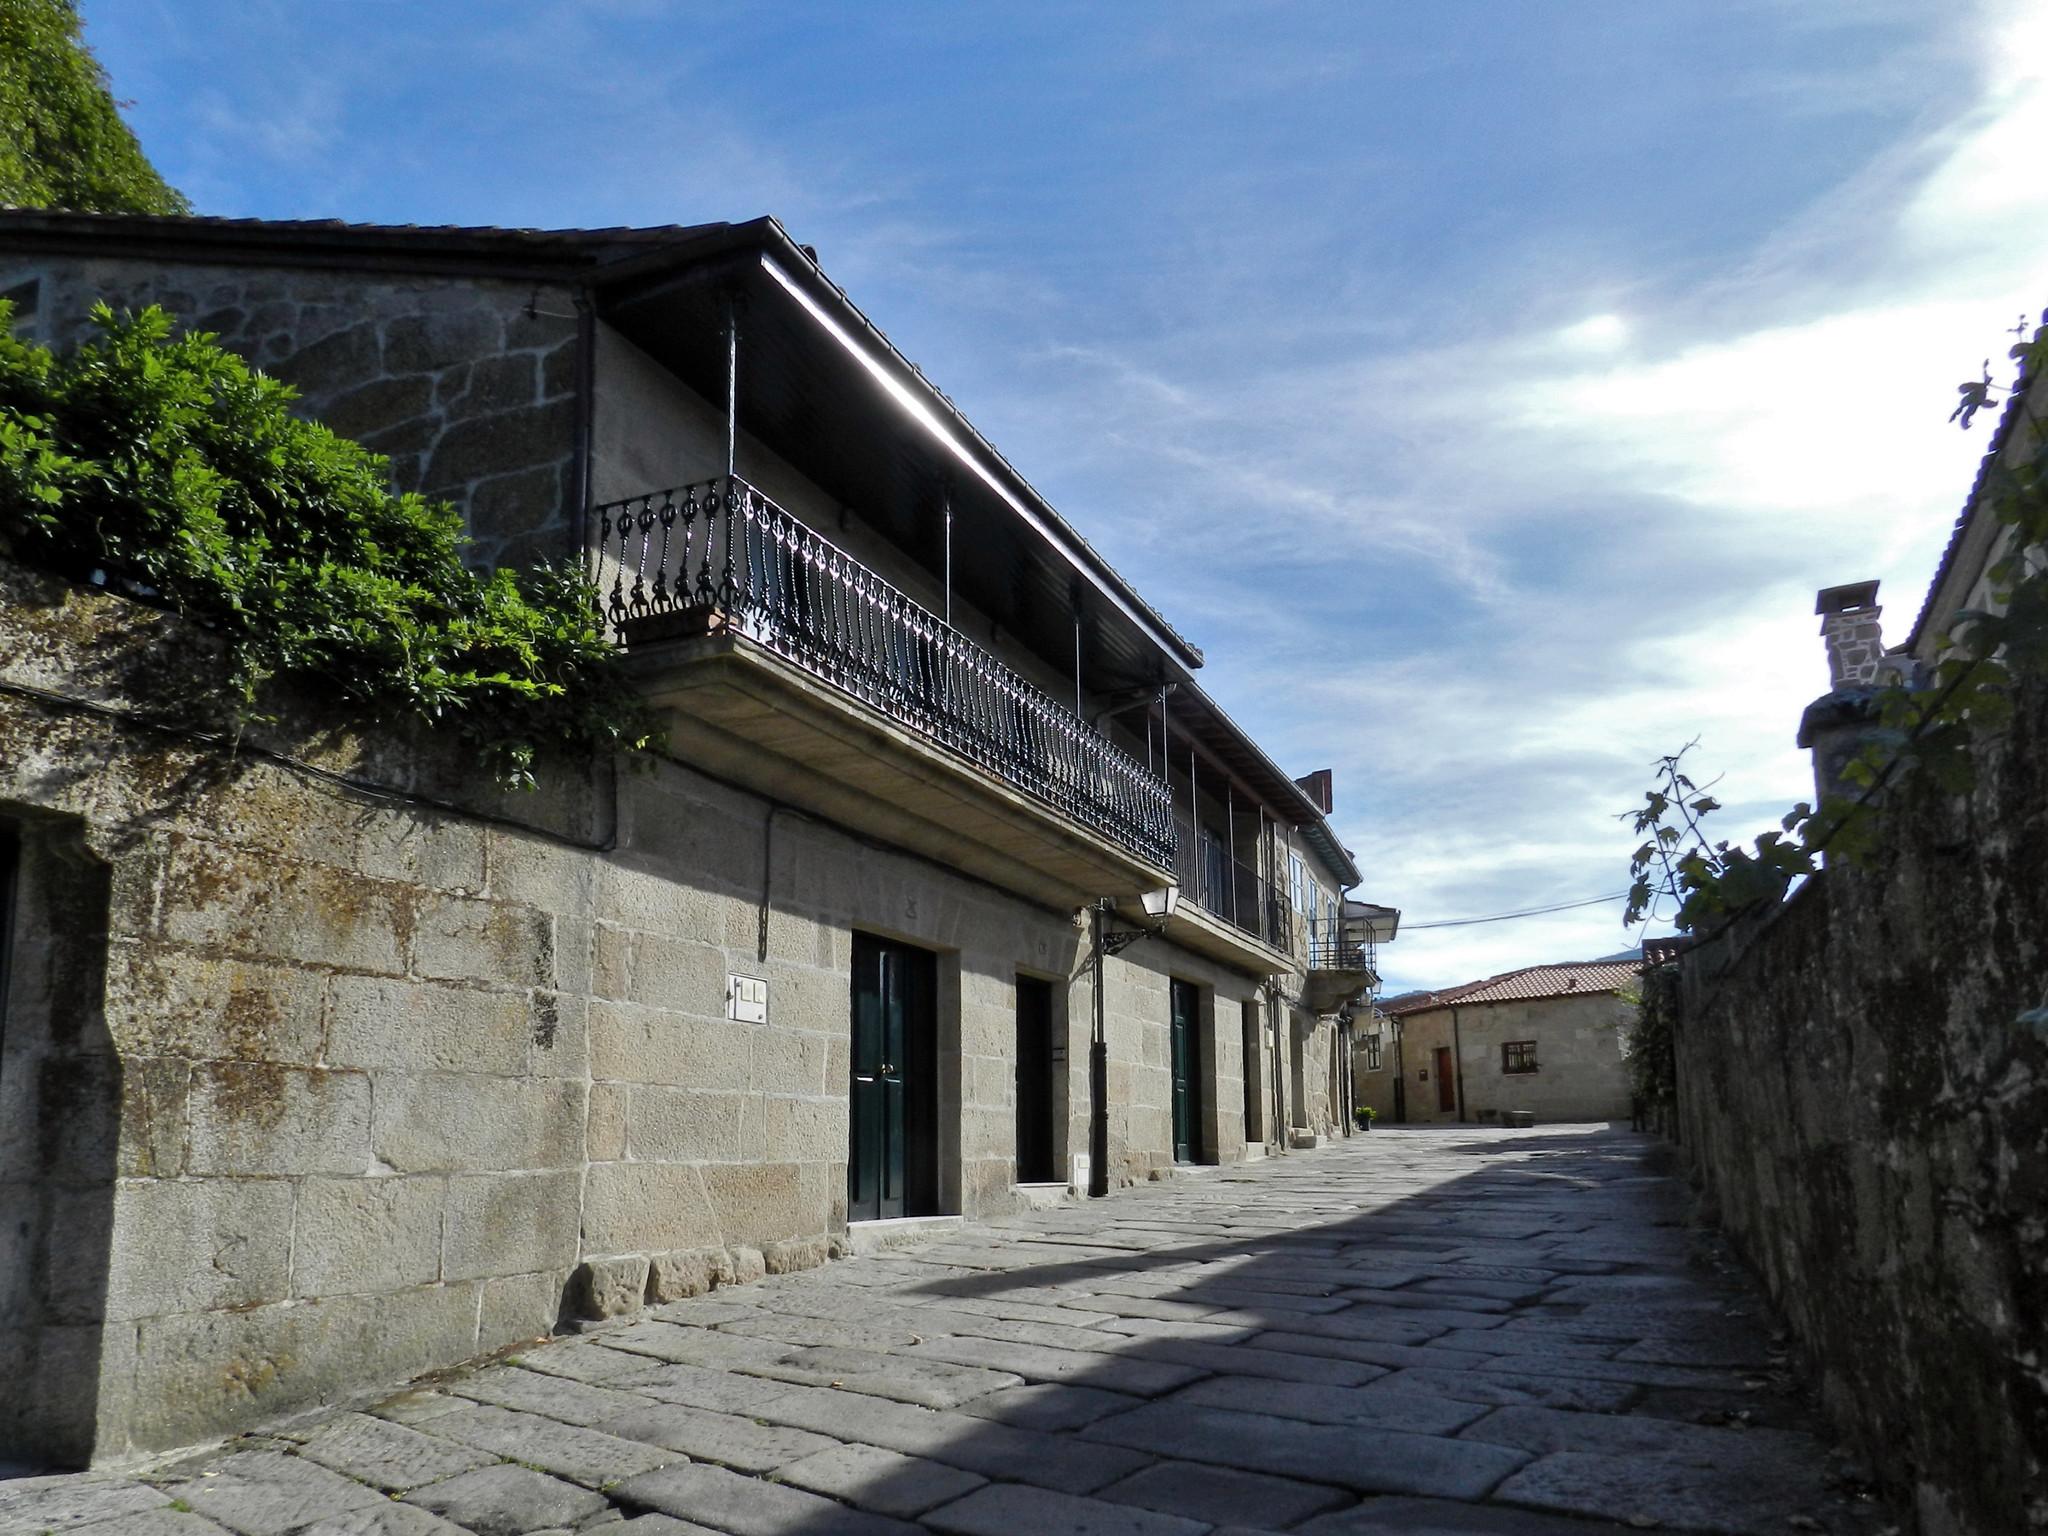 calle y casas de Allariz Orense